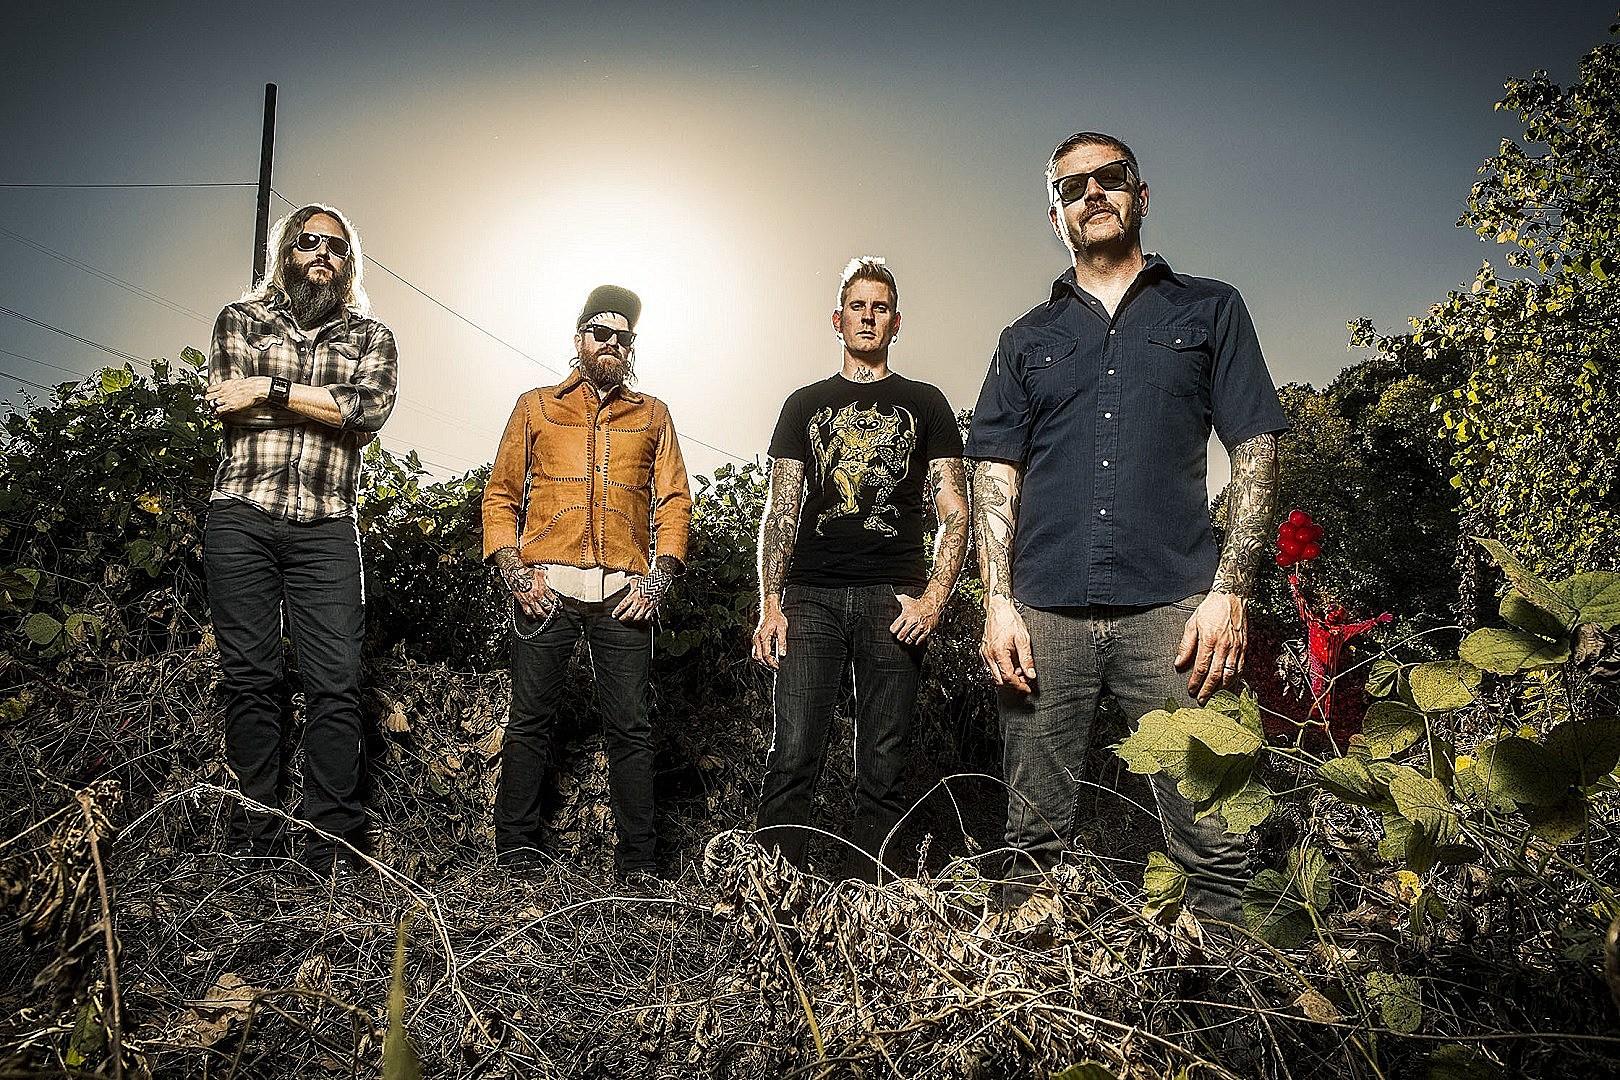 Mastodon Hold 'Brutal' New Song, Eye 2020 Album Release